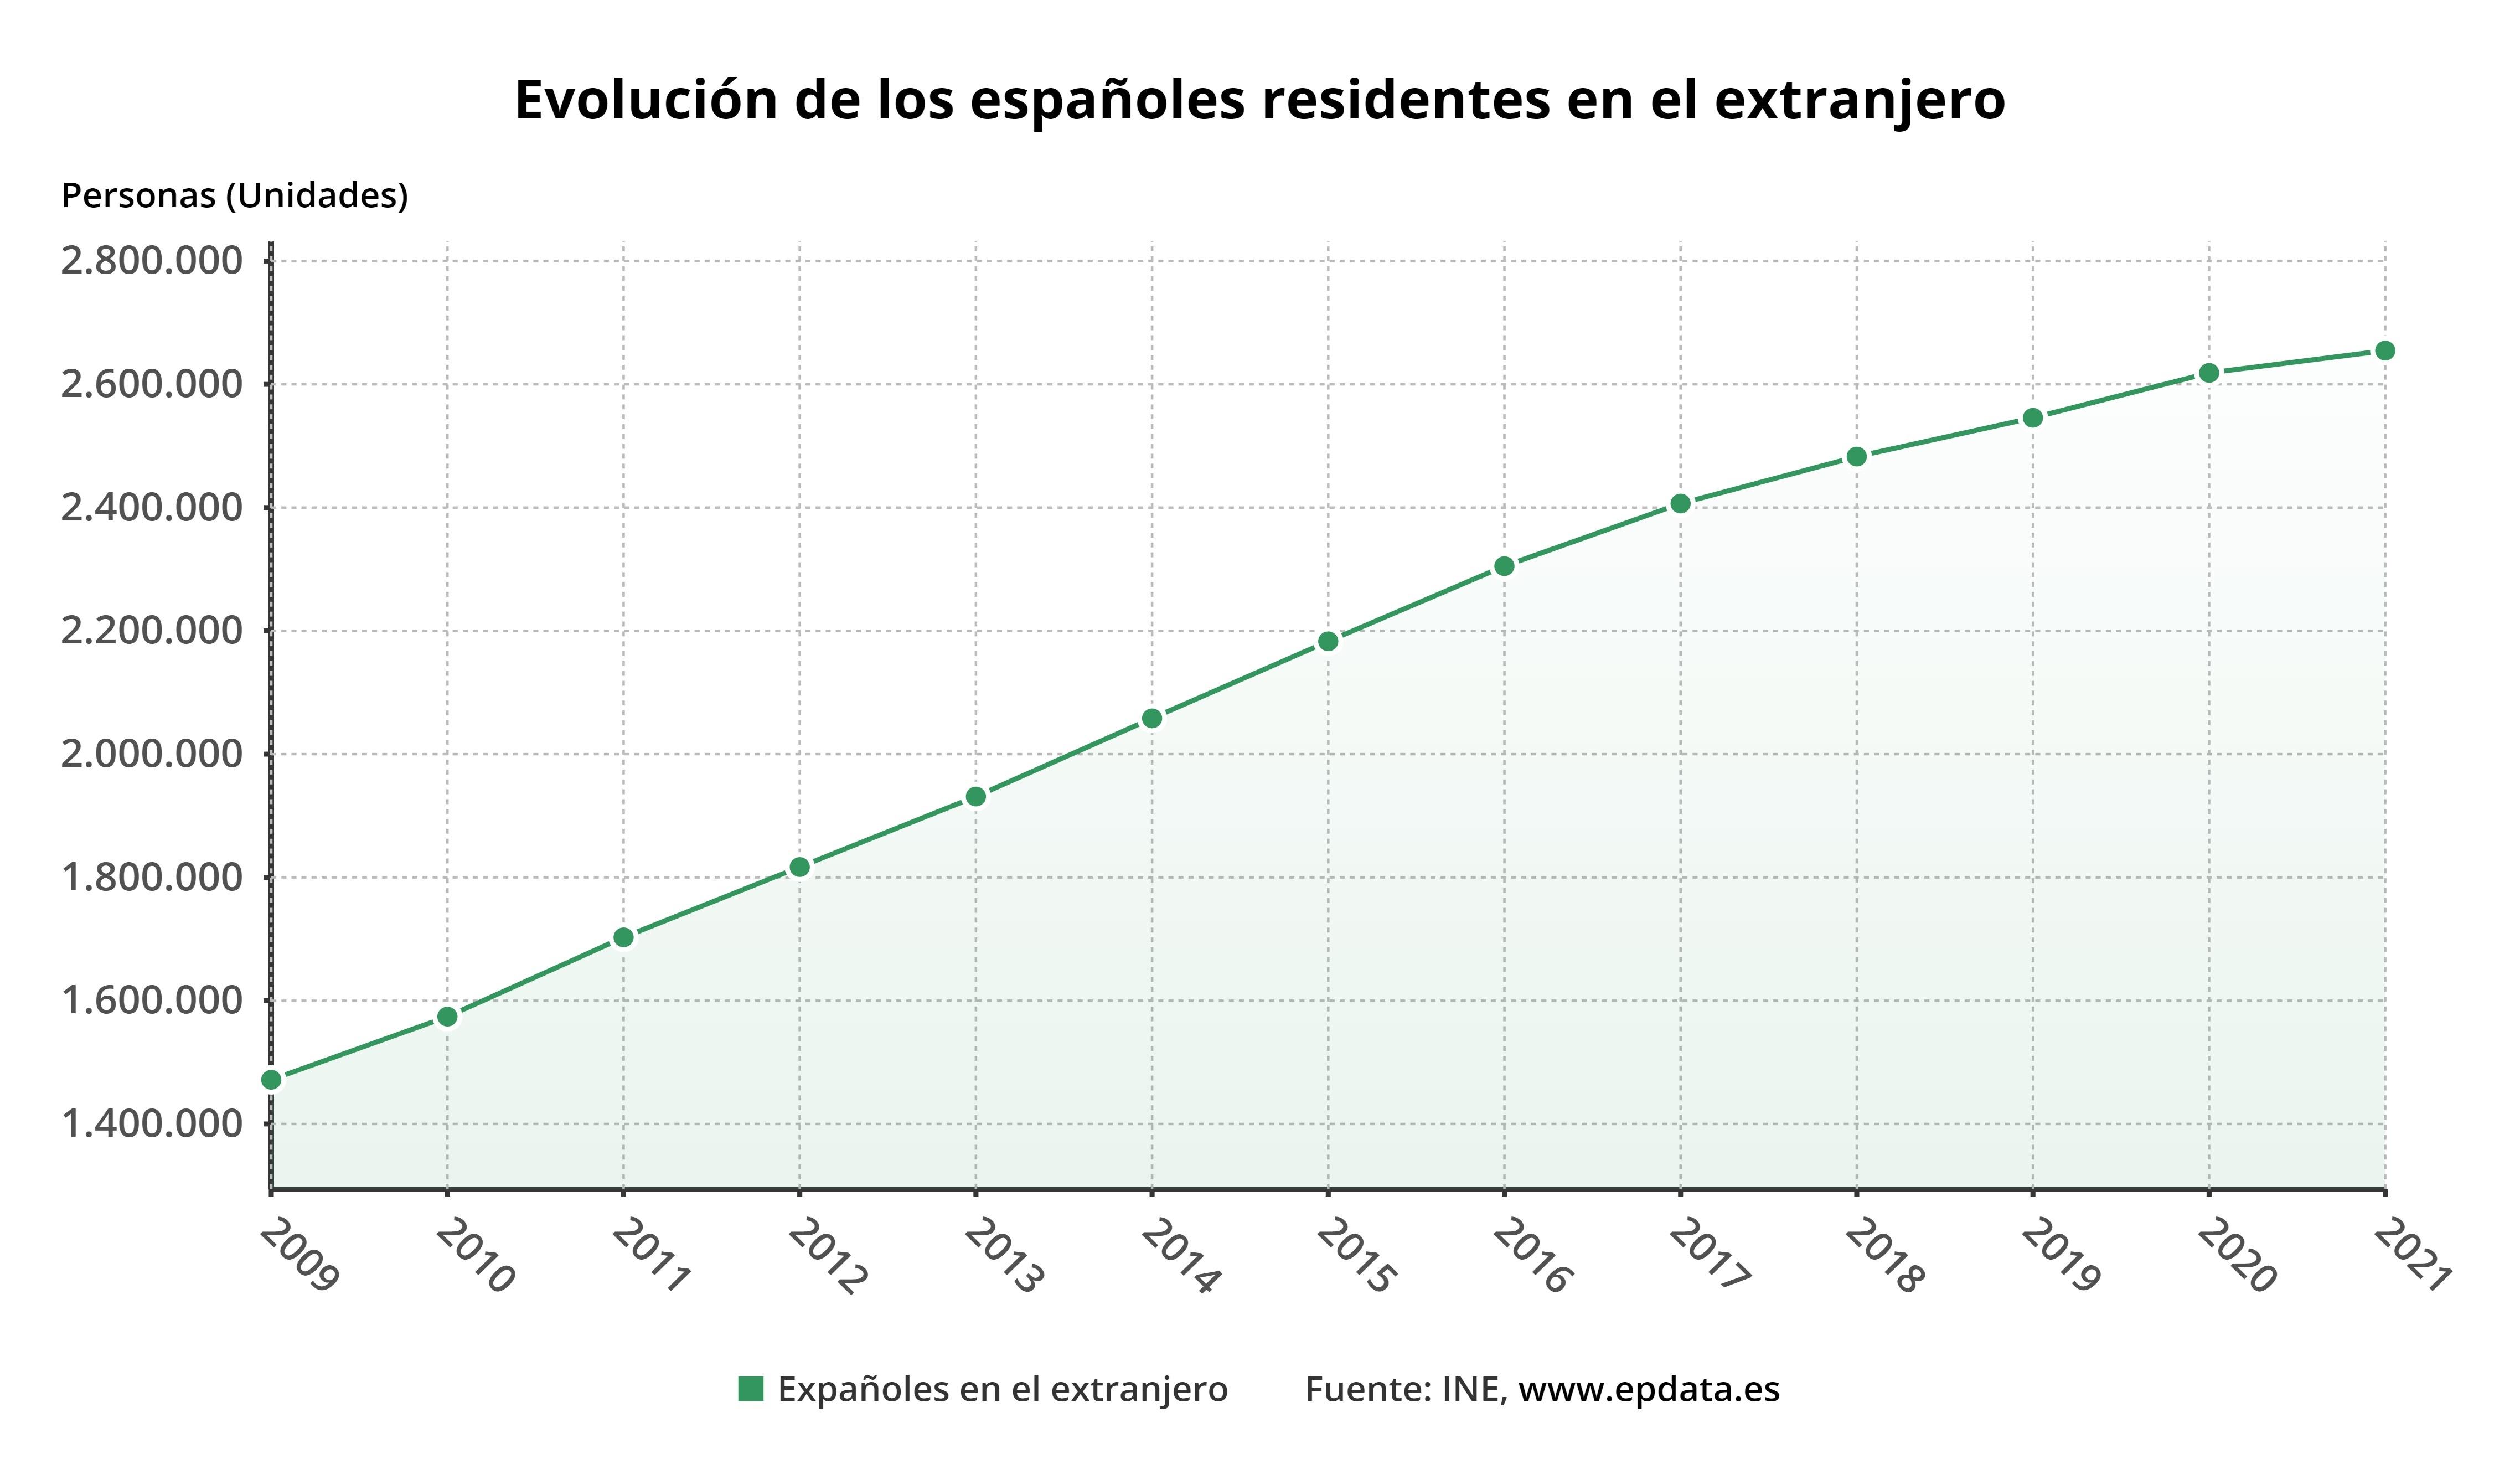 Evolución de los españoles residentes en el extranjero